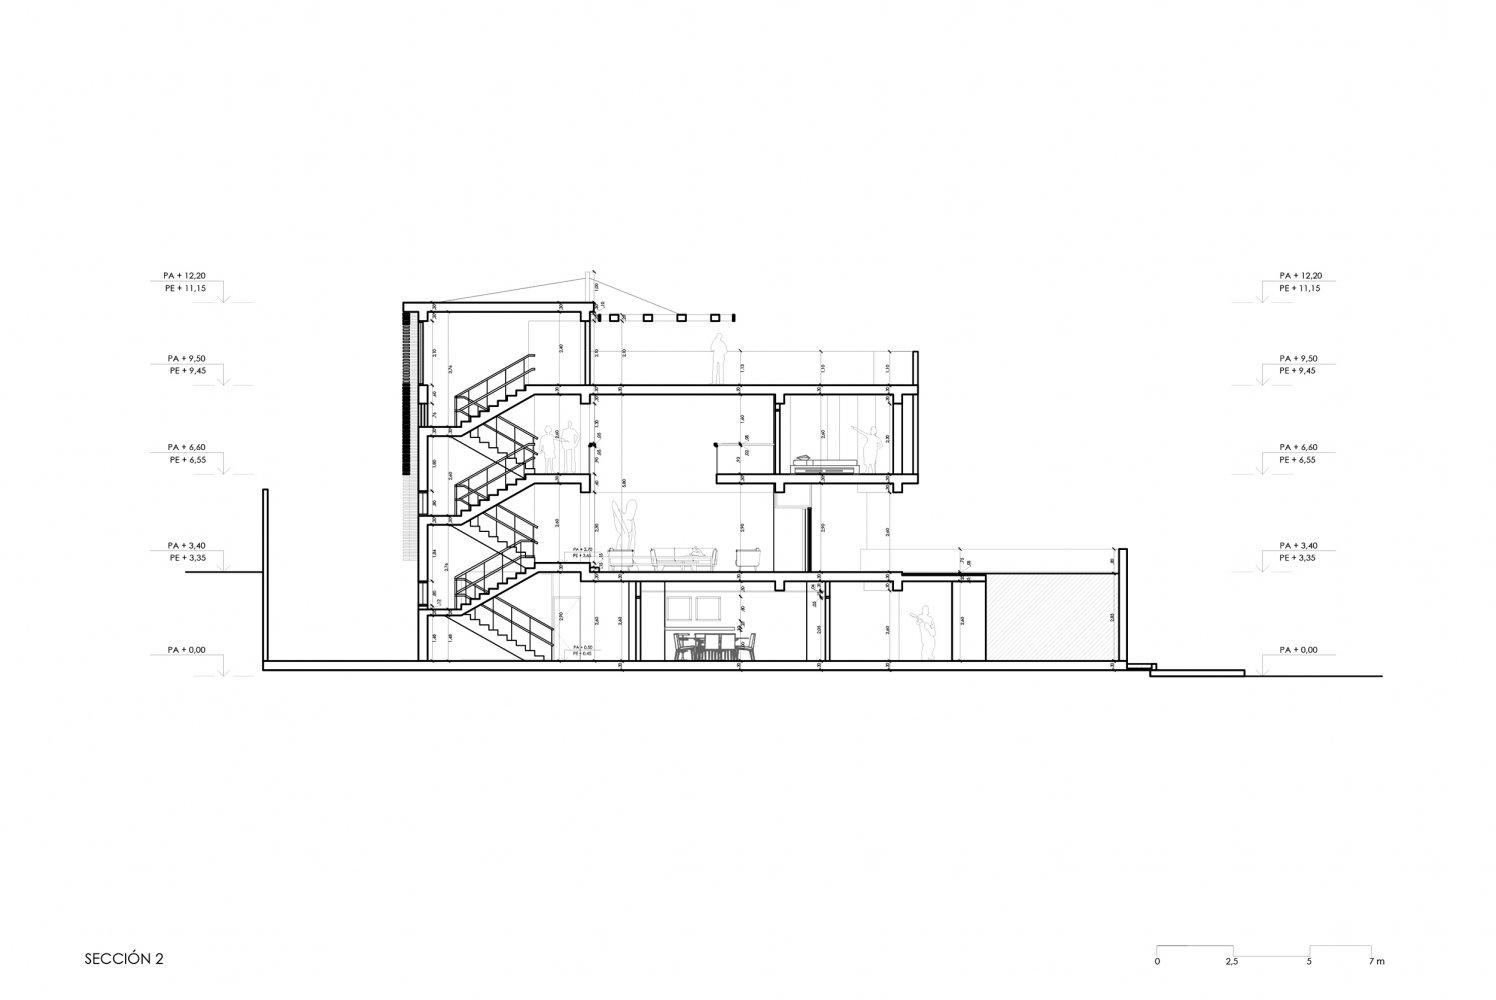 Sección 2 - ALP